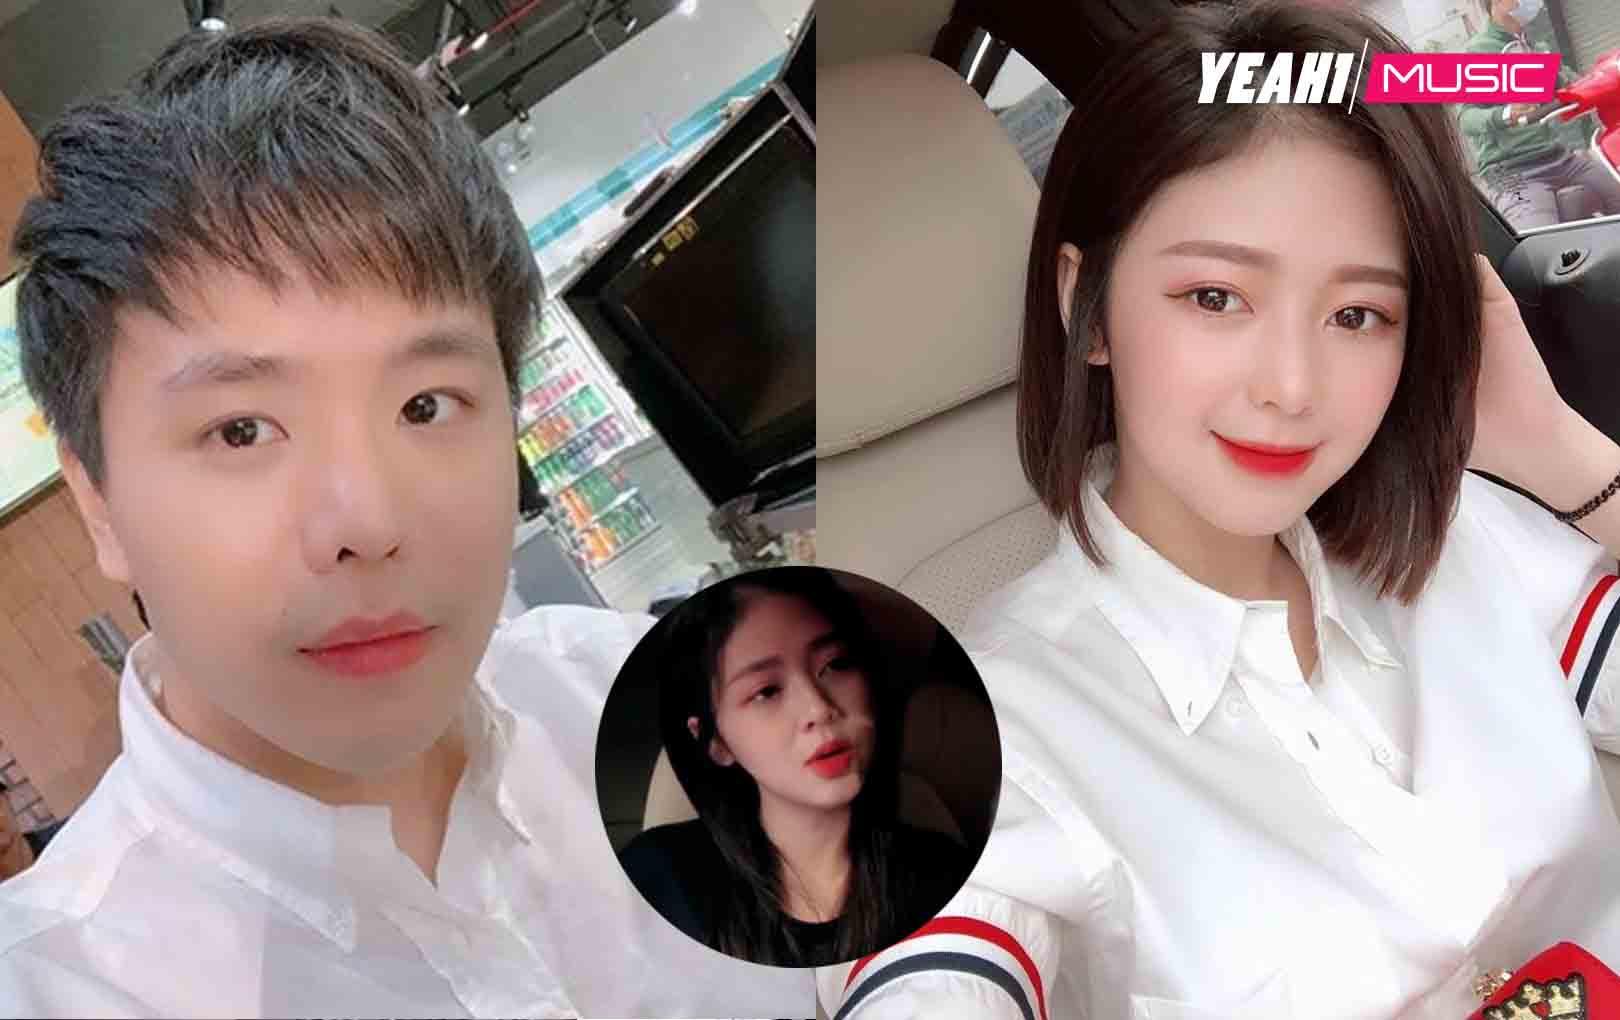 """Giữa nghi án hẹn hò, """"bạn gái tin đồn"""" của Trịnh Thăng Bình bất ngờ khoe điểm ngọt ngào này"""